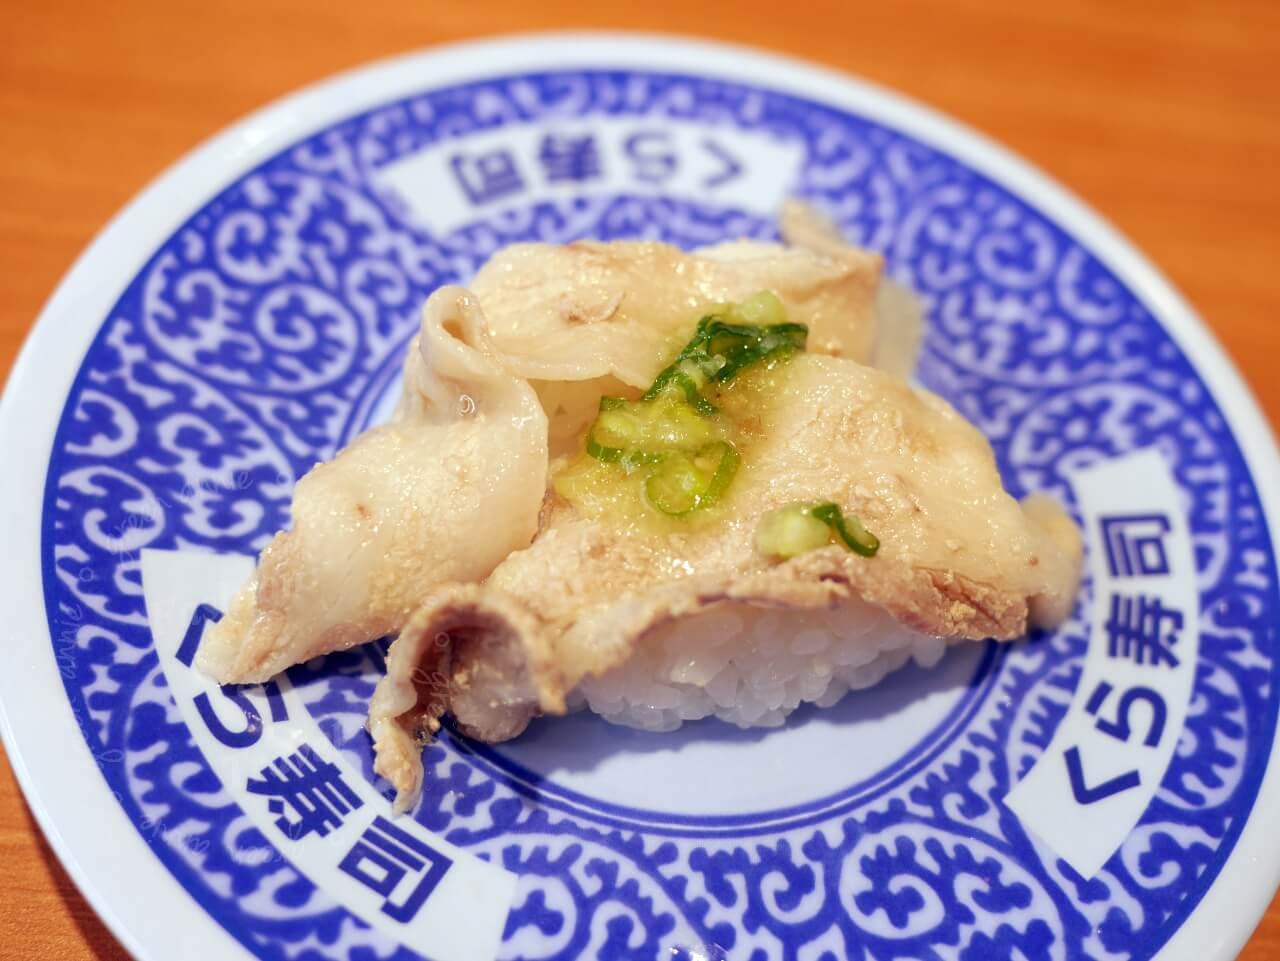 くら寿司 藏壽司 三重集賢路店